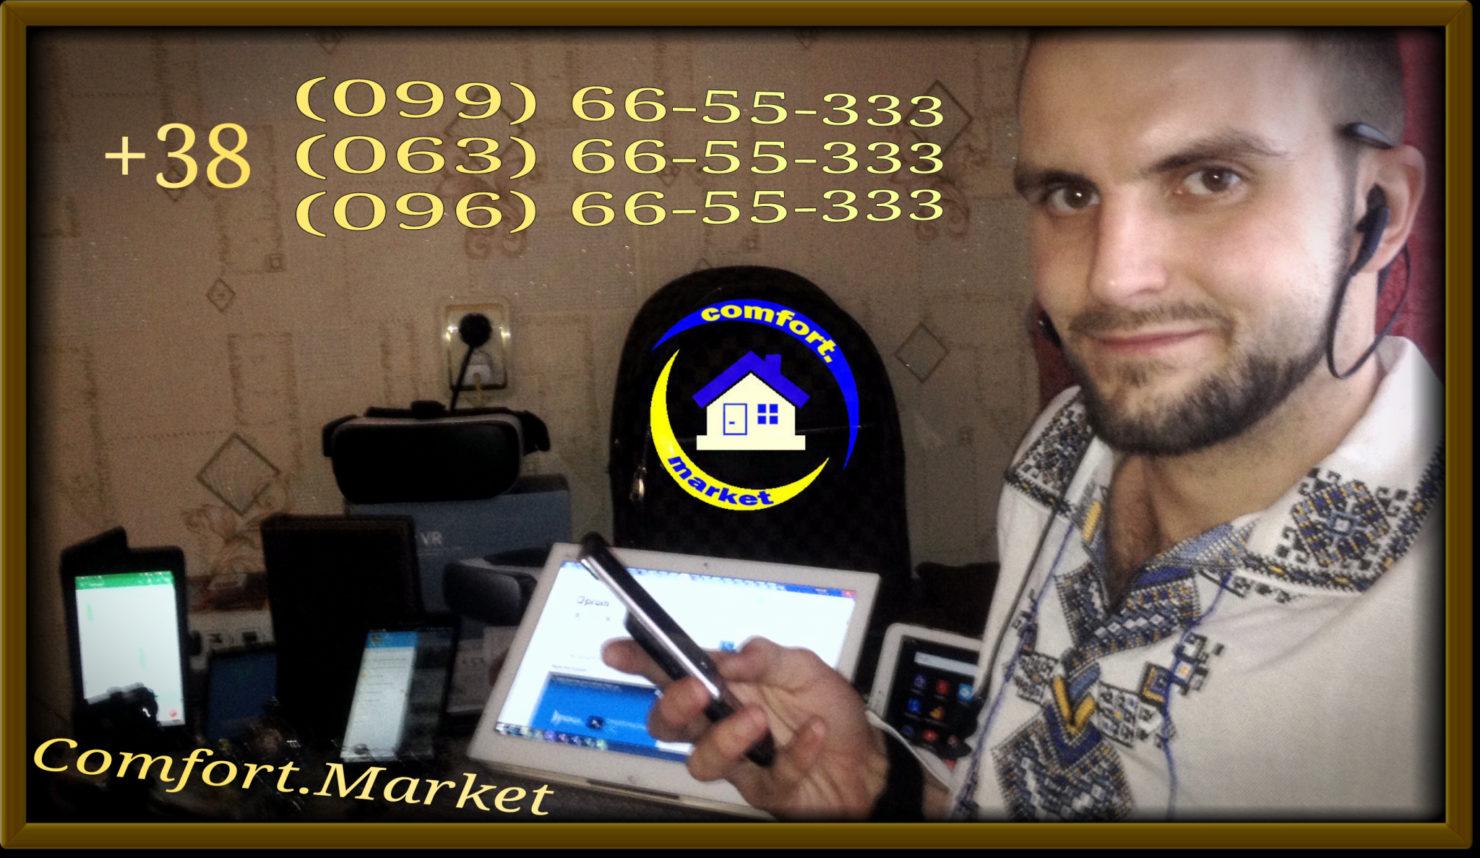 Интернет-магазин Комфорт Маркет - контакты, телефоны, офис